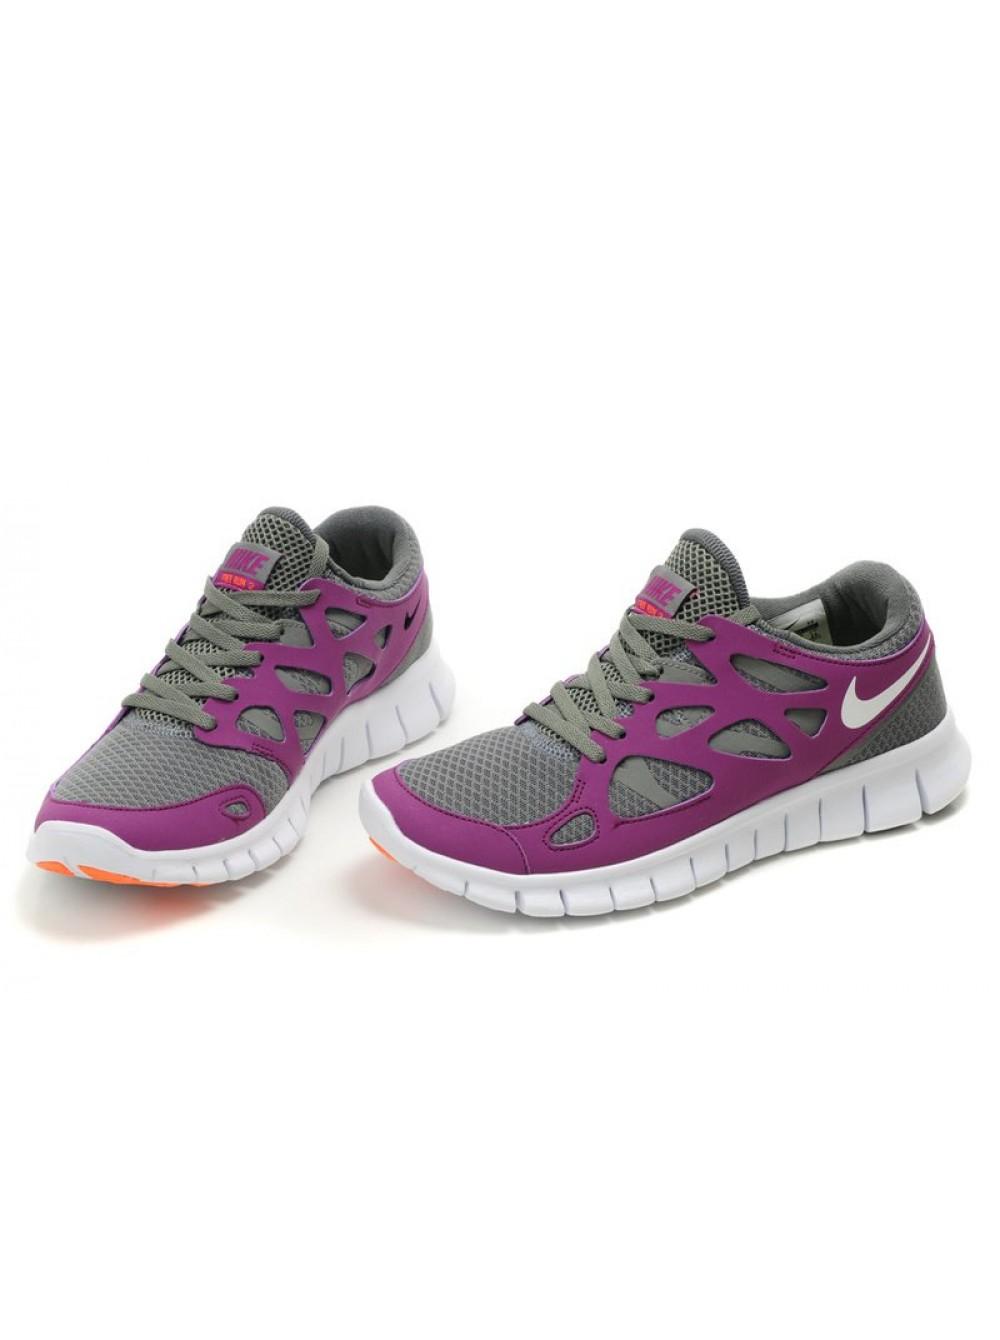 classic 38e3d 3648a Кроссовки для бега Nike Free Run Plus 2 заказать в интернет-магазине с  доставкой по Украине